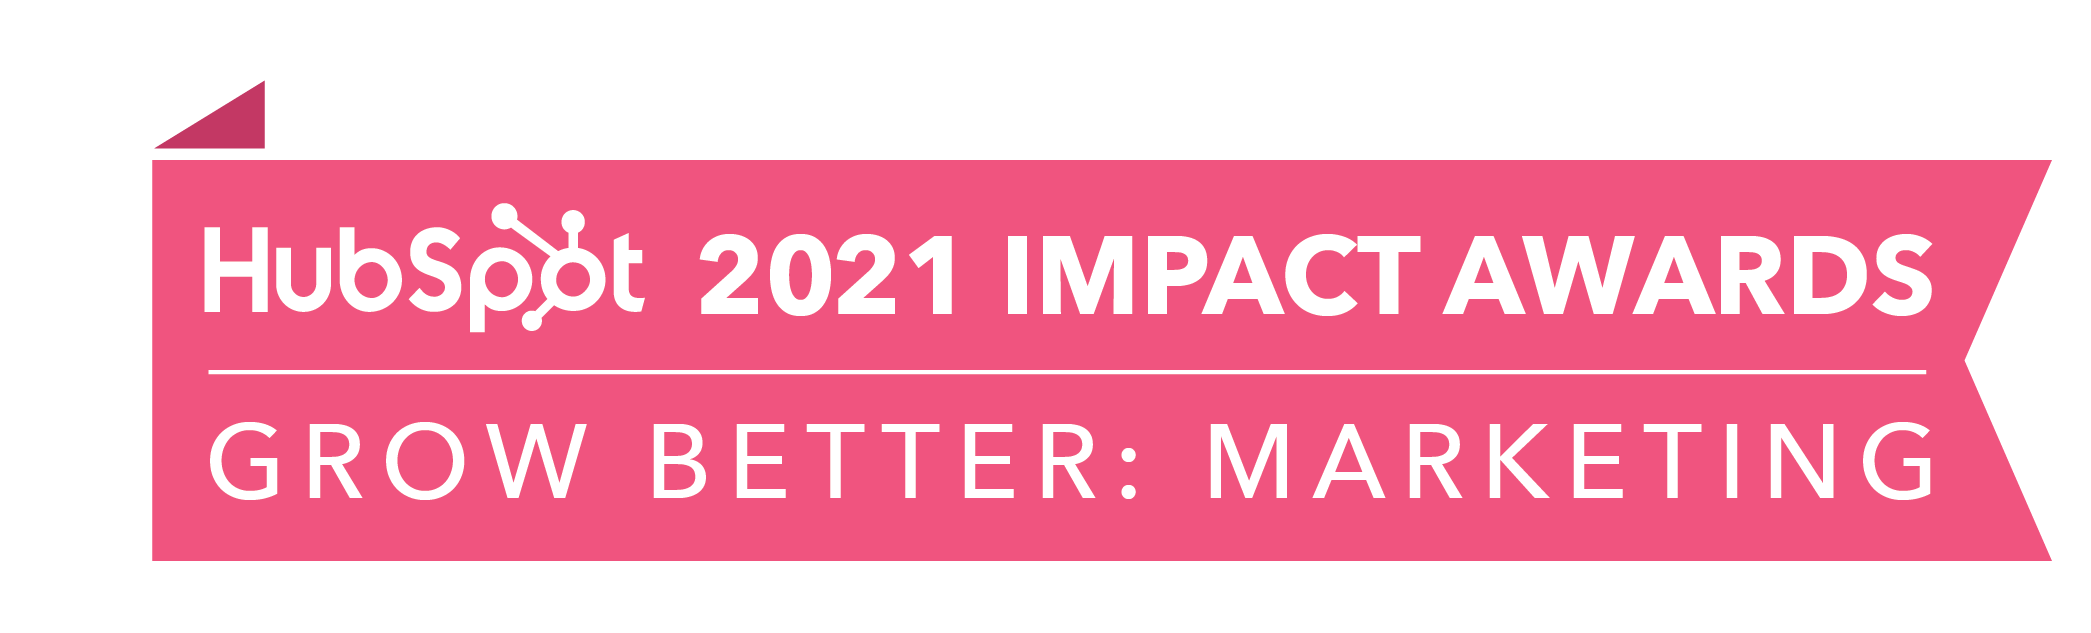 HubSpot_ImpactAwards_2021_GBMarketing2-1